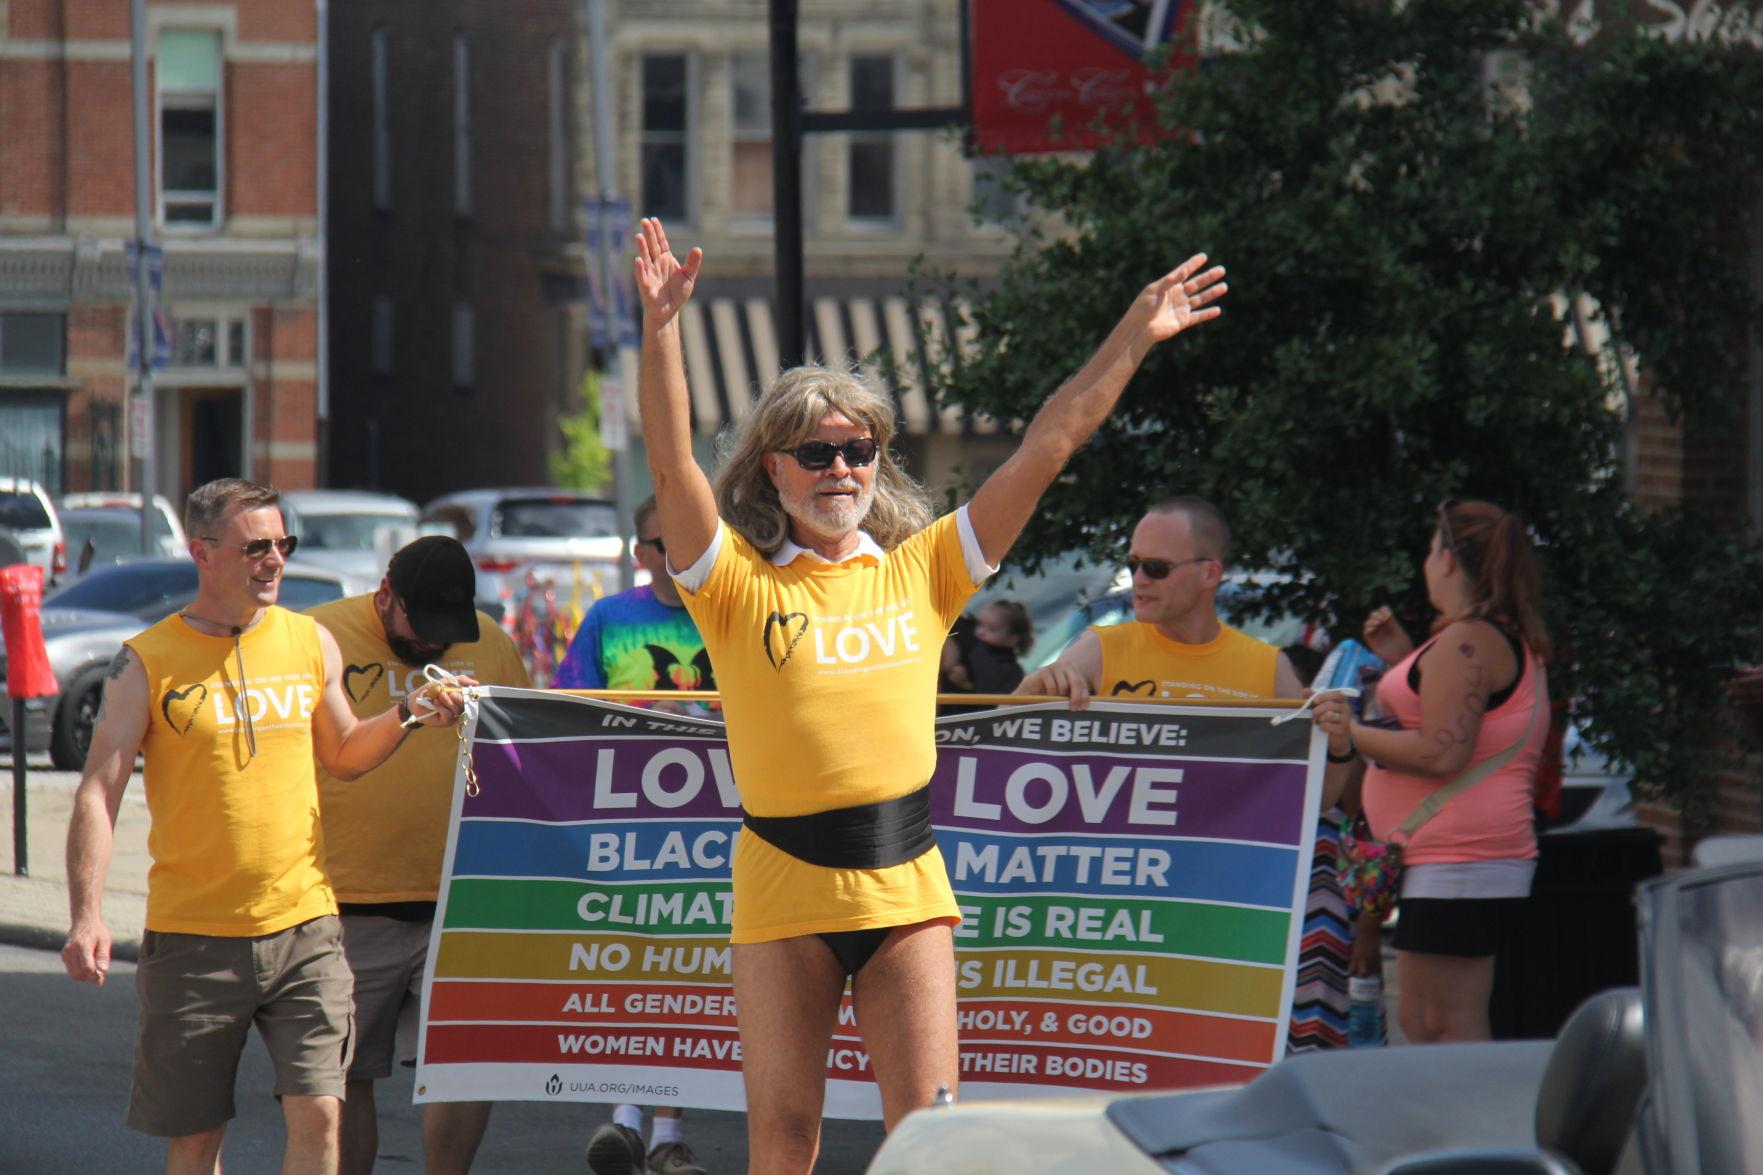 Mansfield Gay Pride Festival & Parade set for Aug. 3